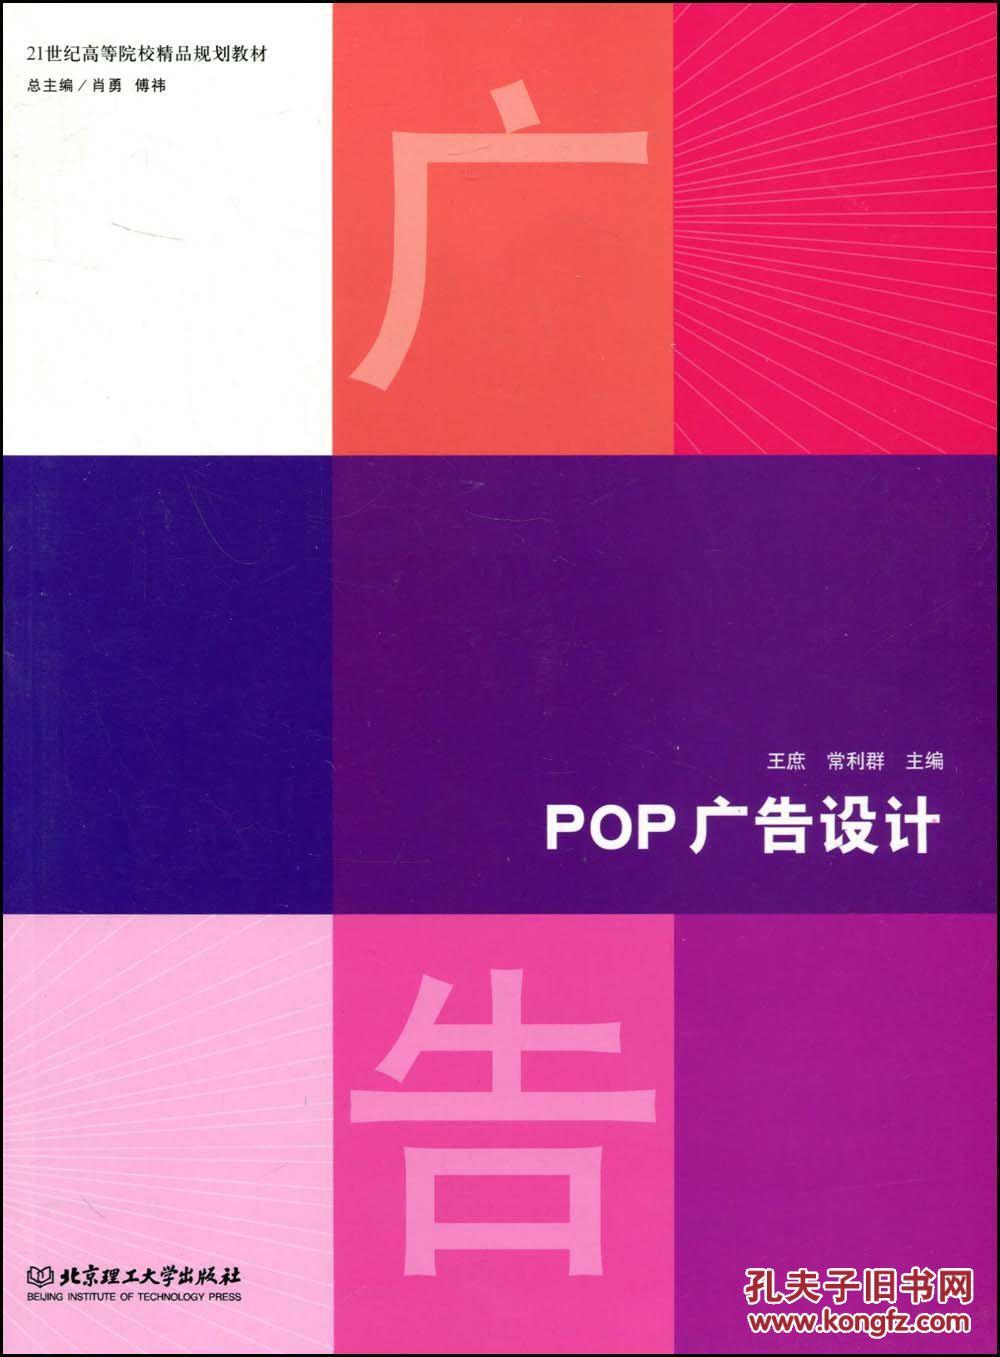 【图】pop广告设计_价格:50.00